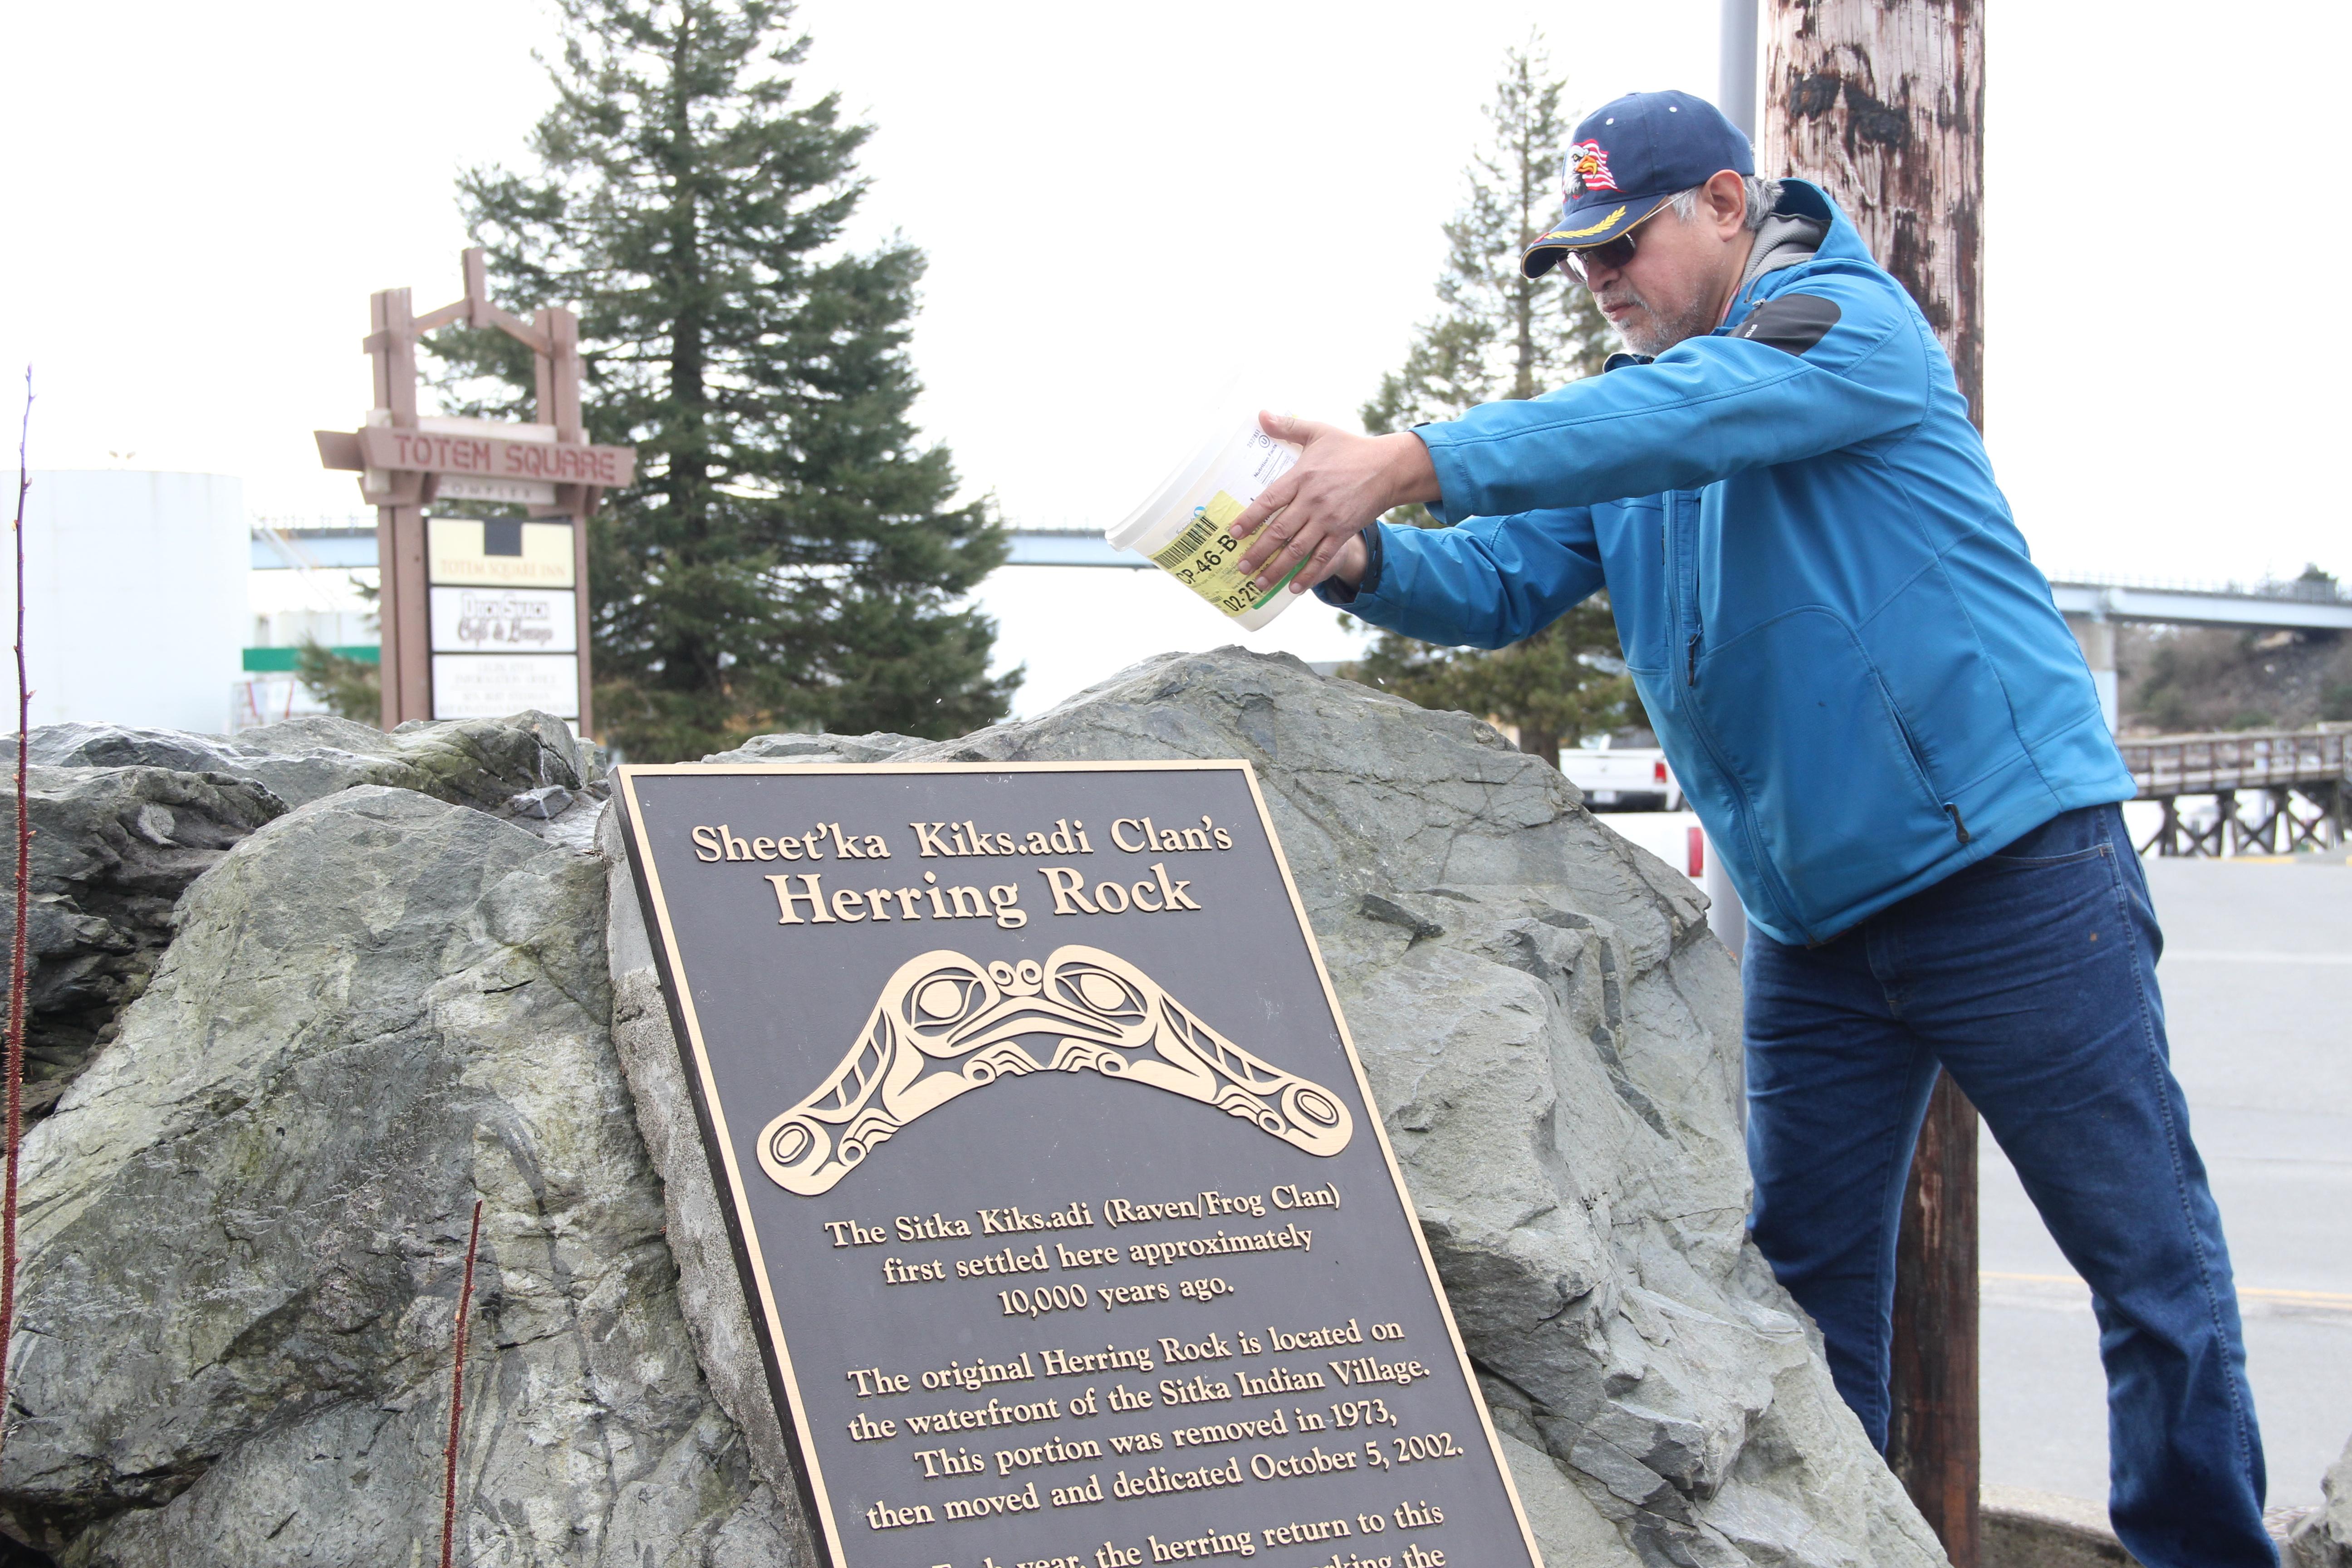 Ceremony at Herring Rock honors seasonal renewal